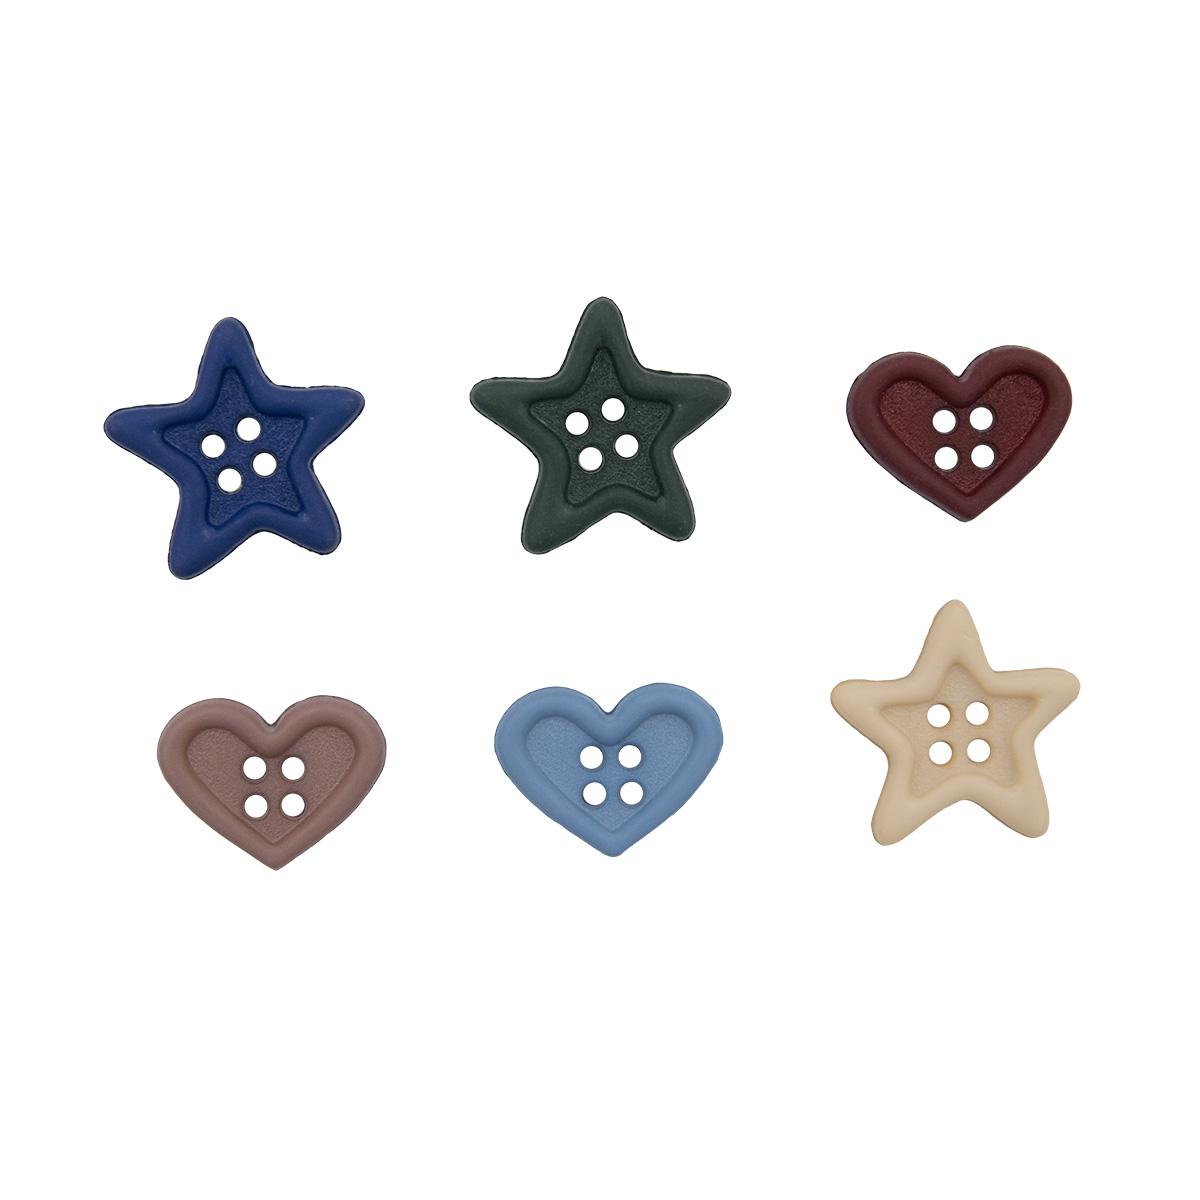 4748, Декоративные пуговицы. Сердца и звезды Dress It Up